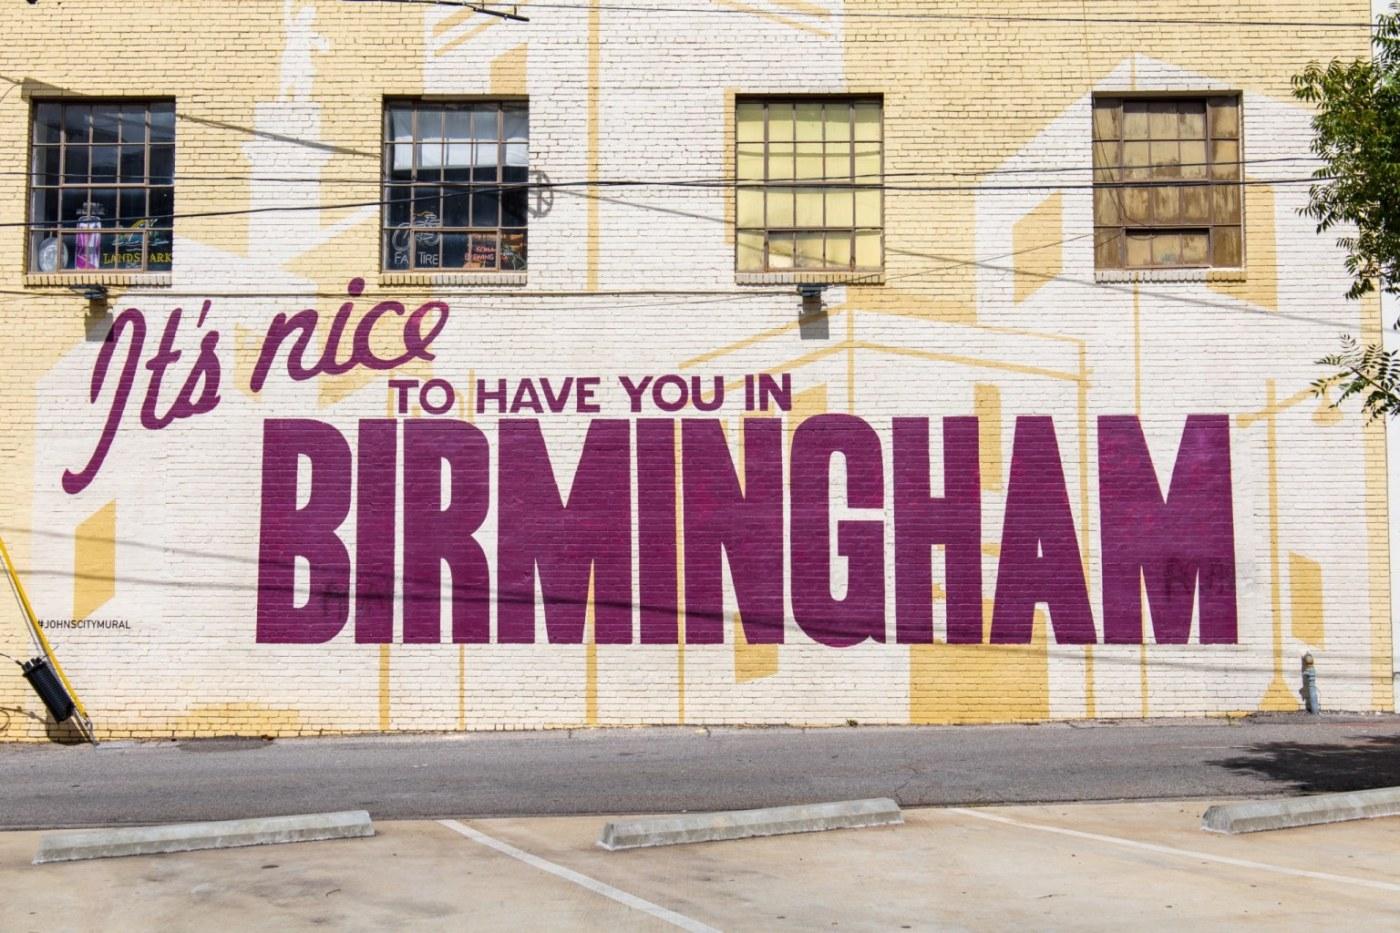 Birmingham's murals